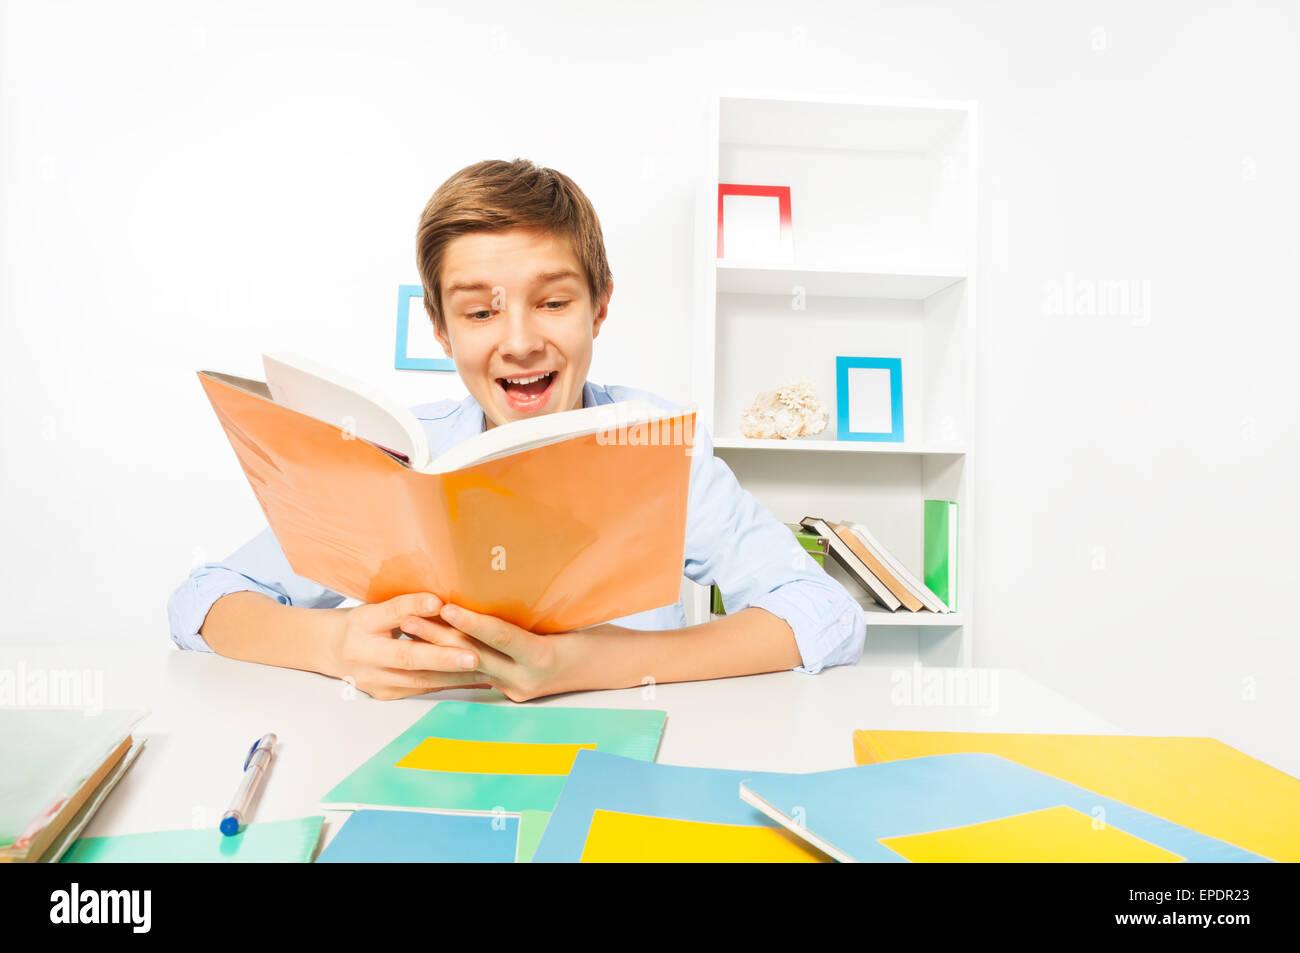 Beau Garcon Ado Lire Un Livre Assis A La Maison Banque D